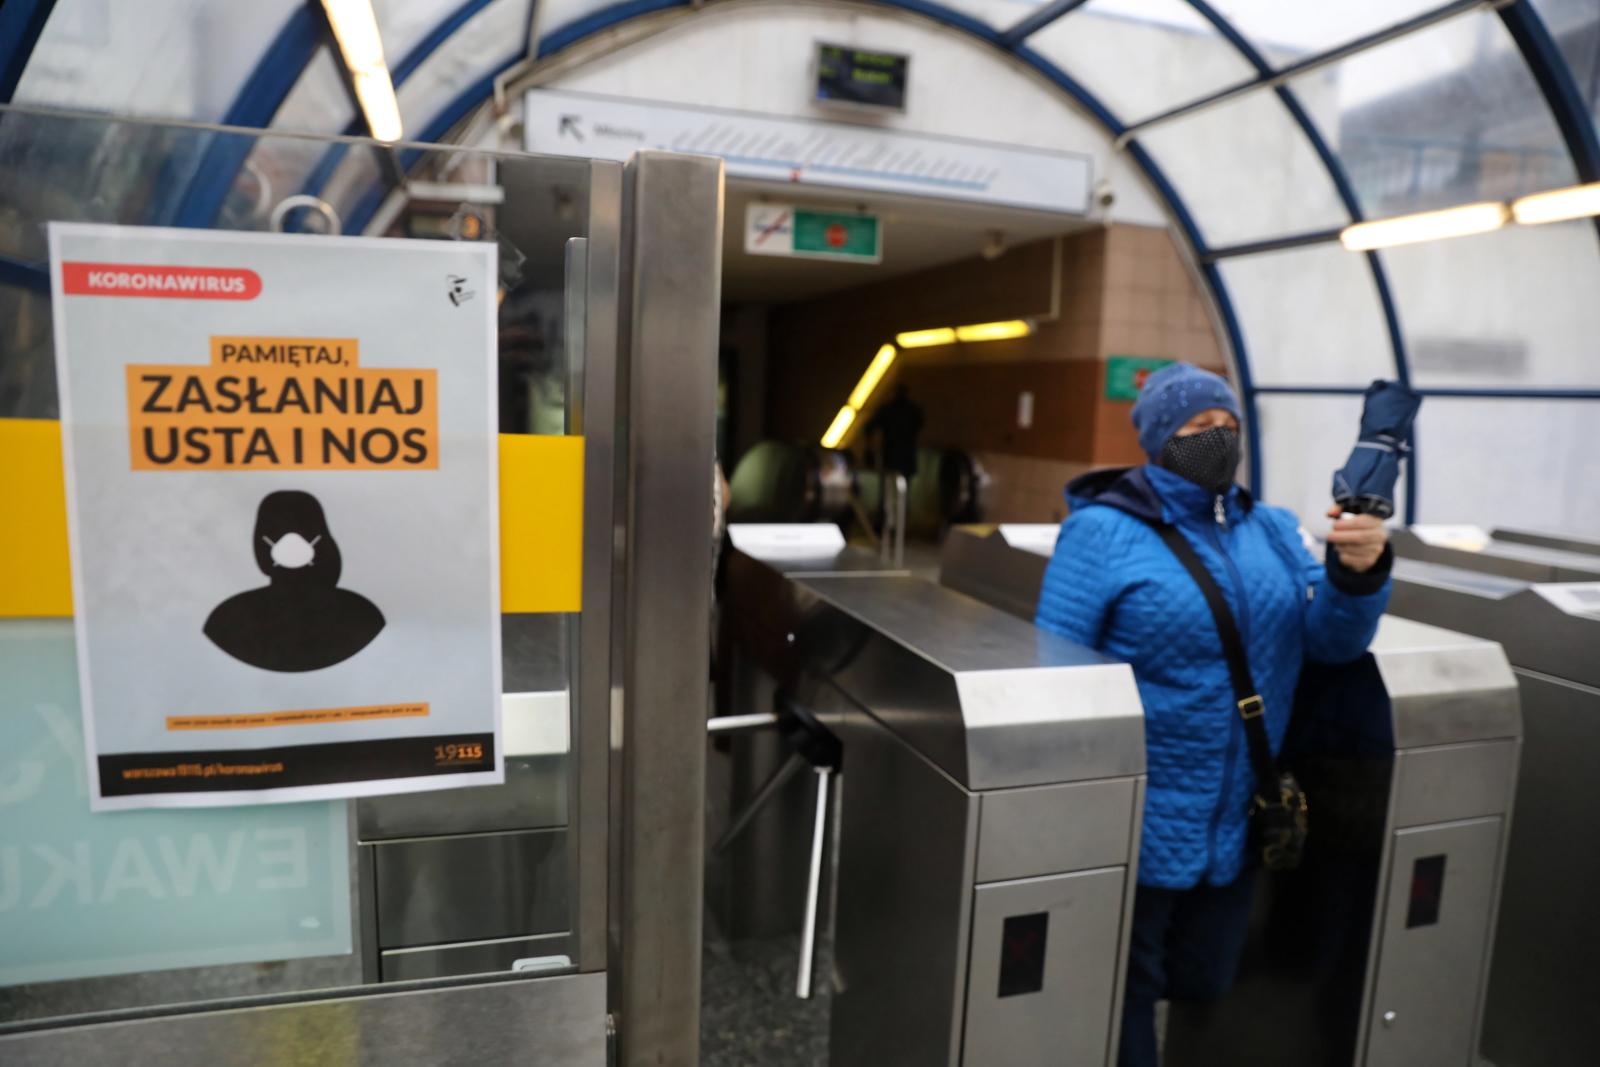 За появление на улице без маски в Польше выписано 55 тыс. штрафов